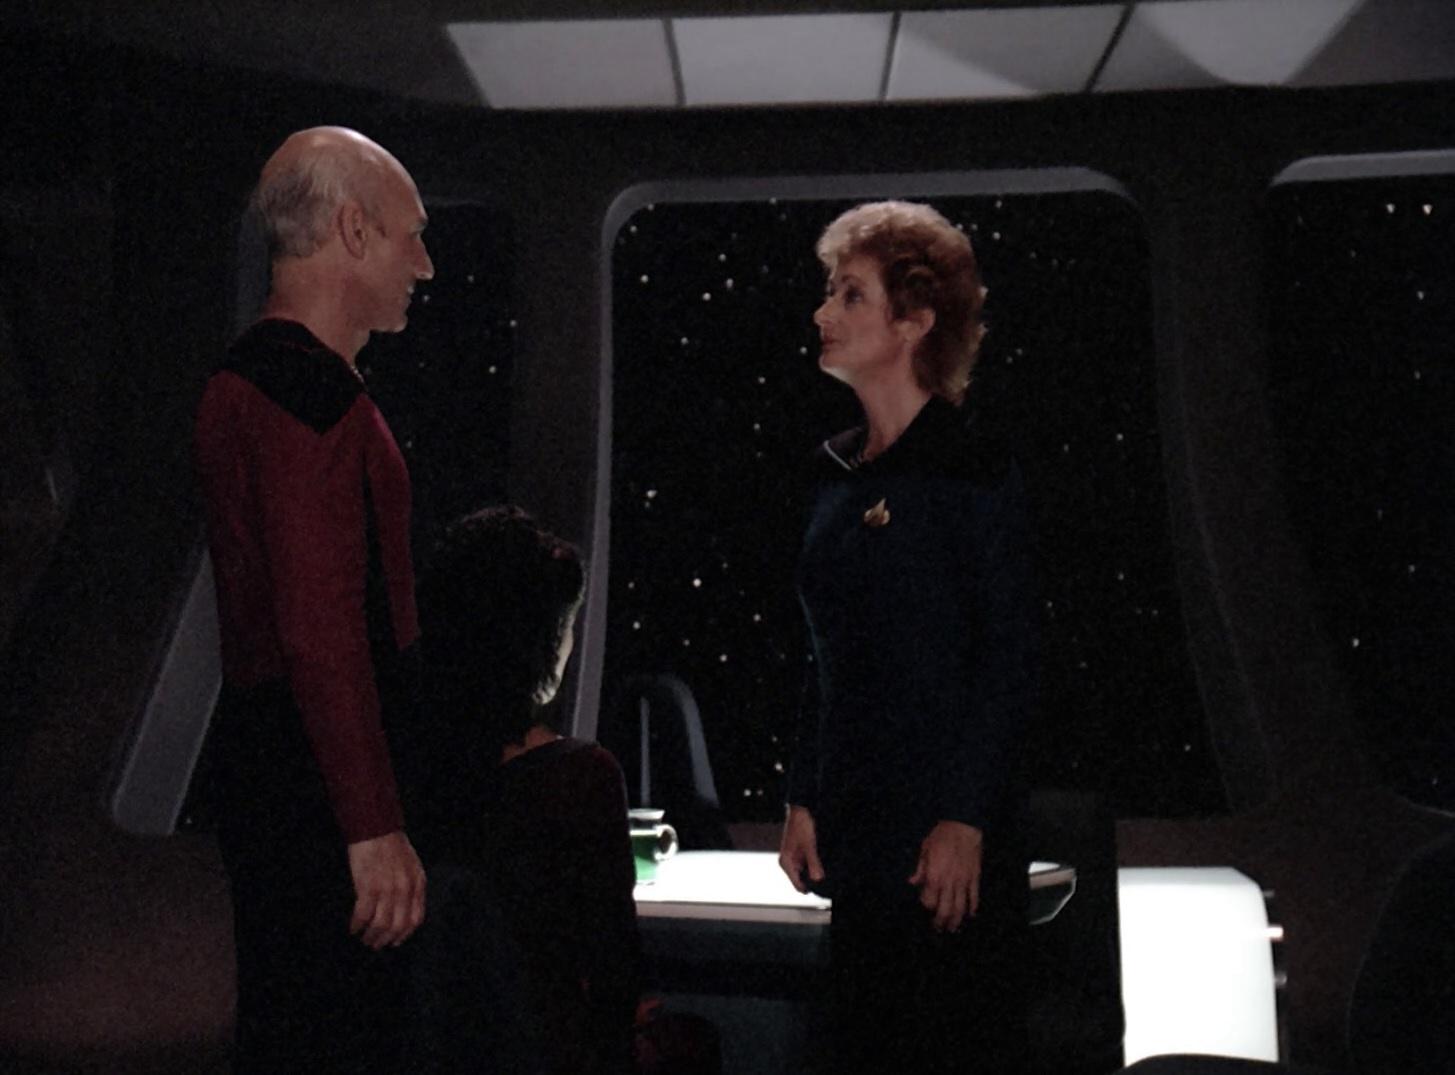 Pulaski und Picard.jpg